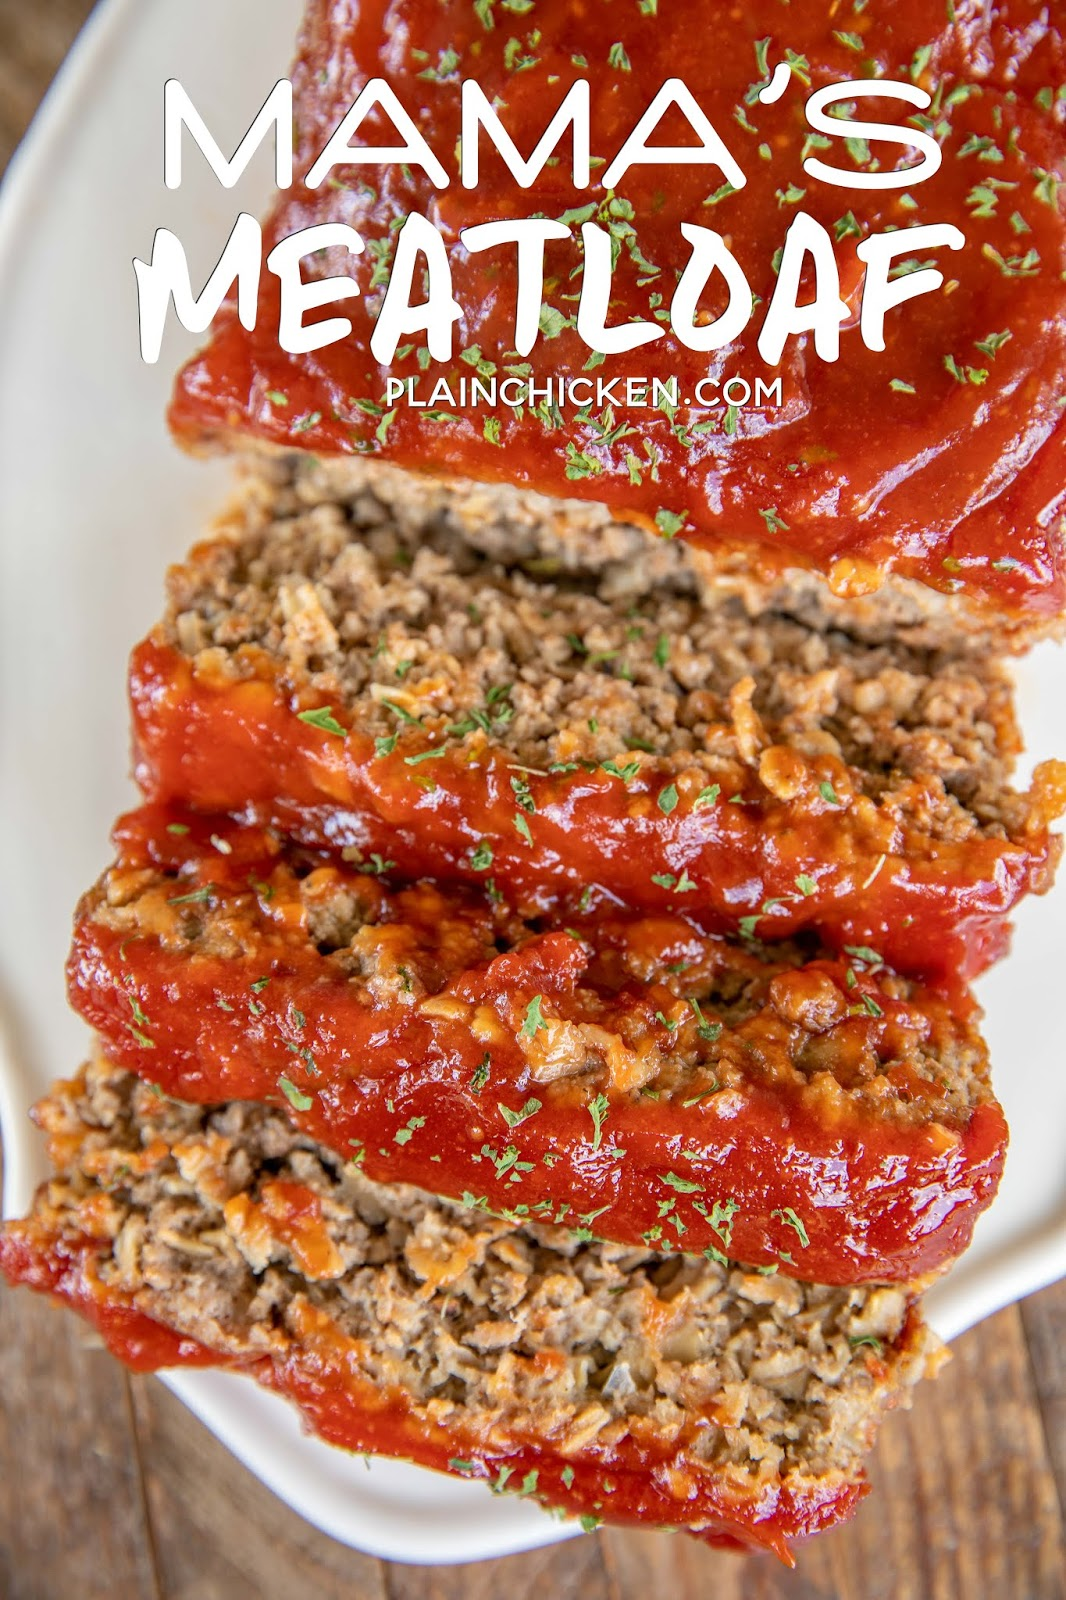 meatloaf sliced on a platter